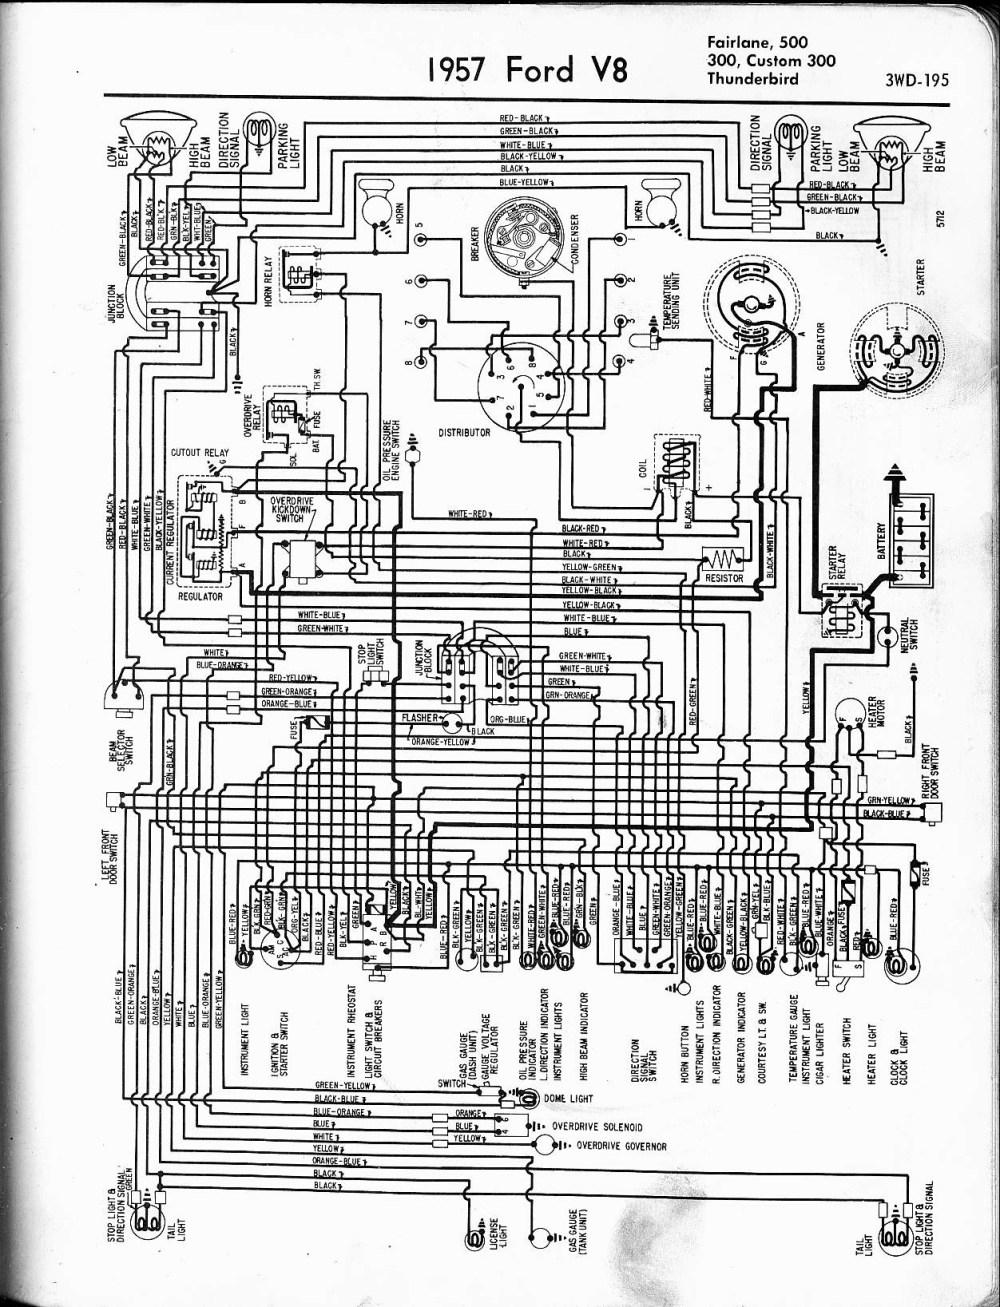 medium resolution of lincoln ac 225 wiring diagram wiring library rh 51 dirtytalk camgirls de lincoln 225 ac breakdown